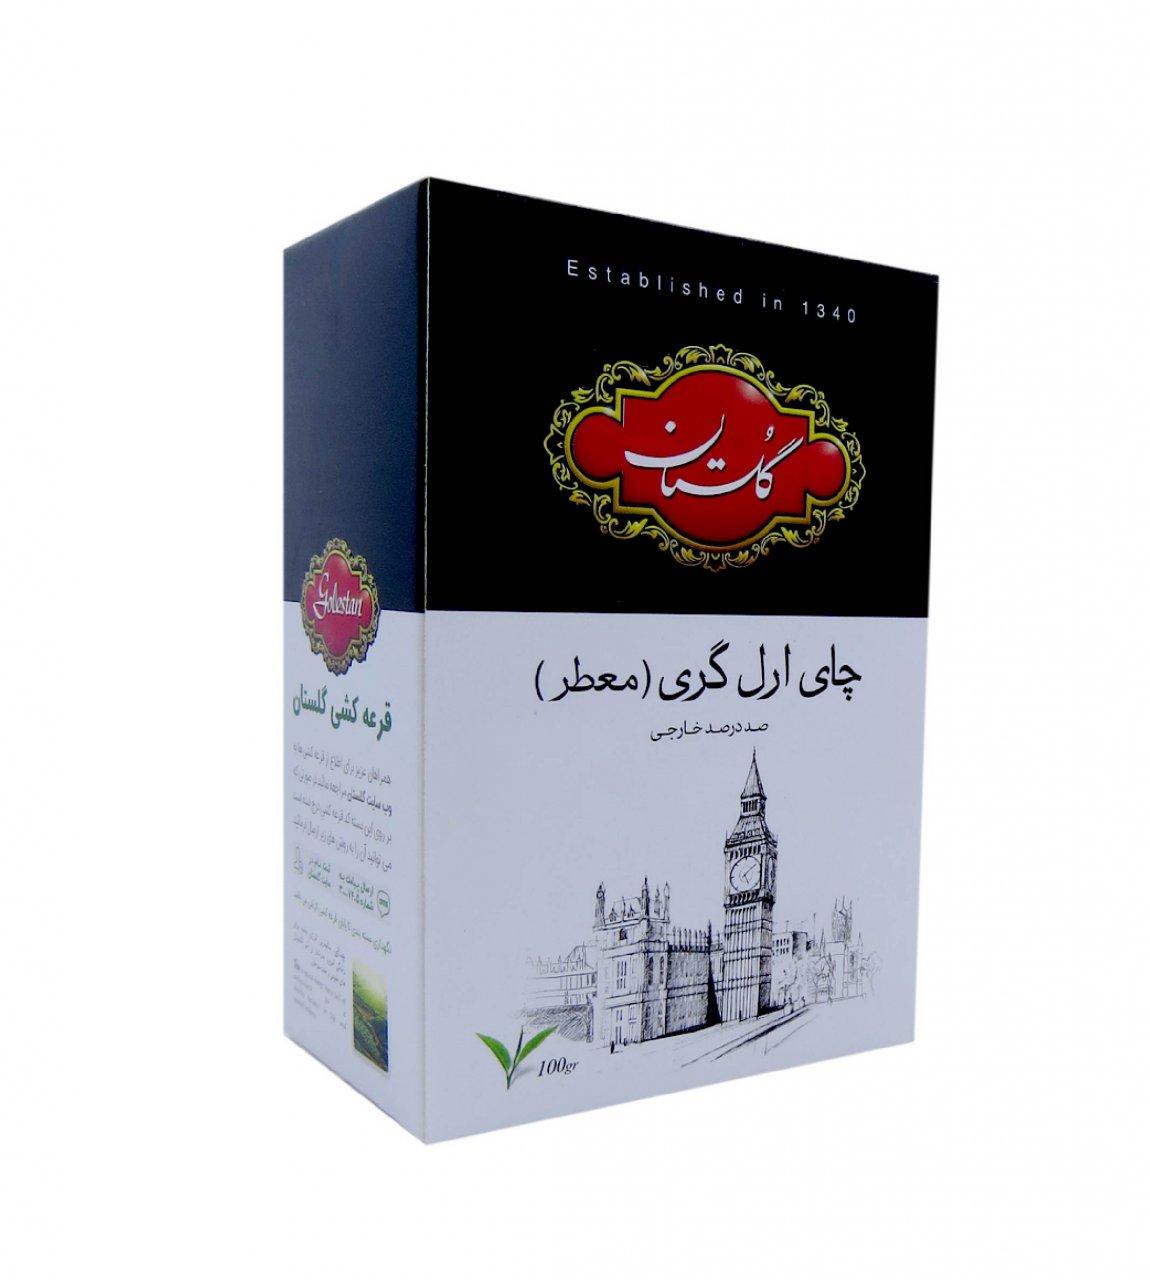 چای سیاه ارل گری (معطر) گلستان 100 گرمی